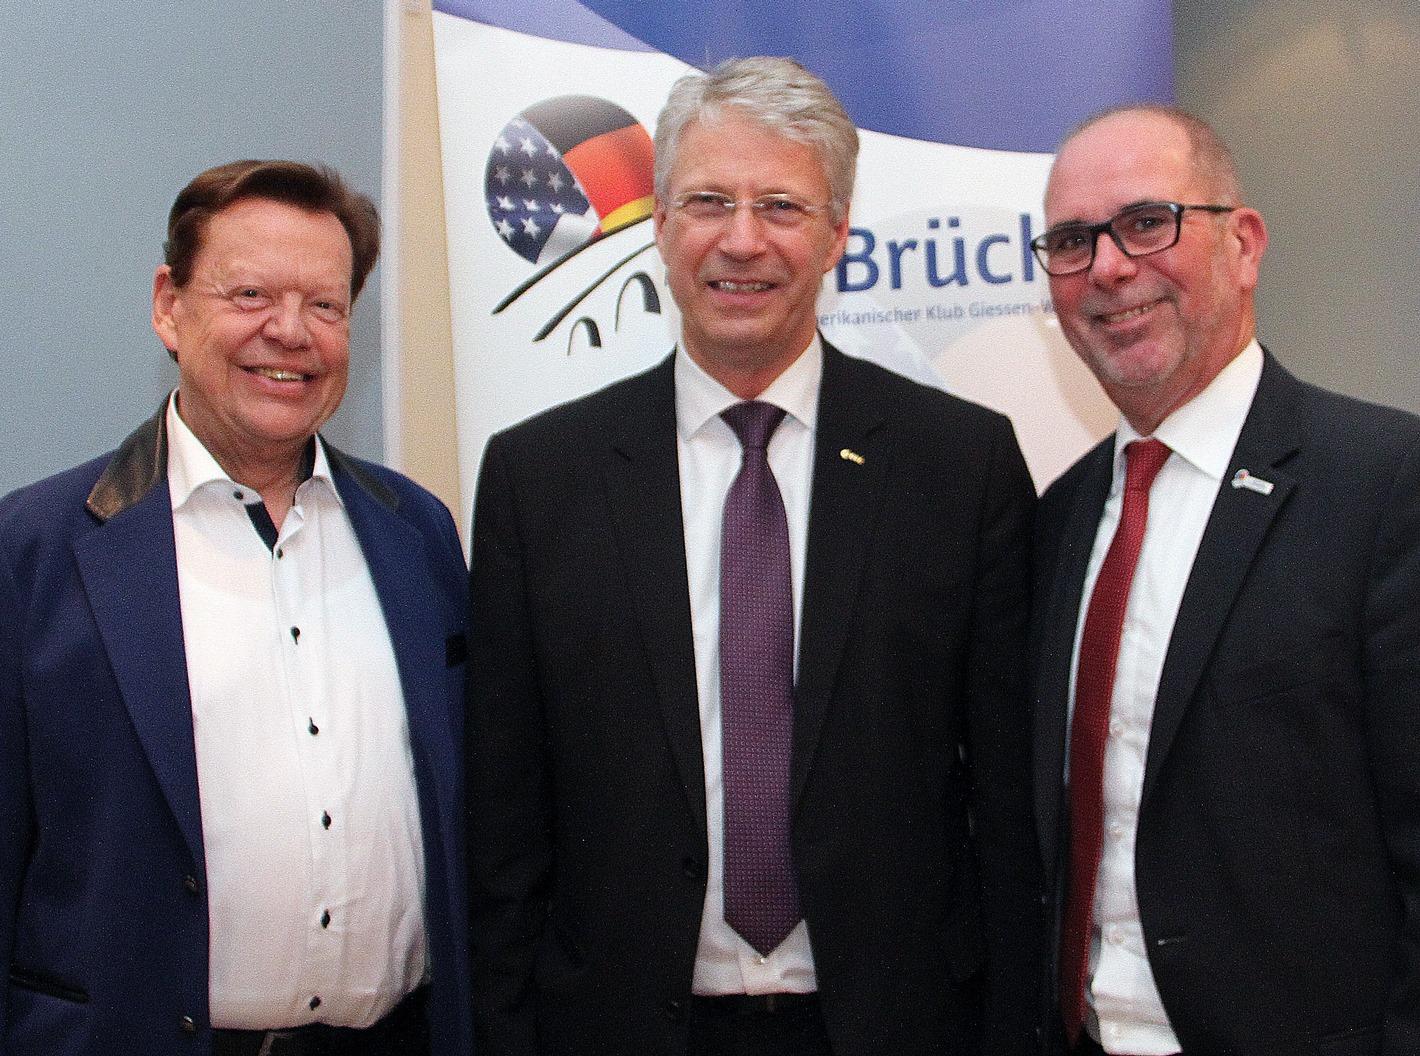 Günter Titsch, Thomas Reiter, Roger Schmidt